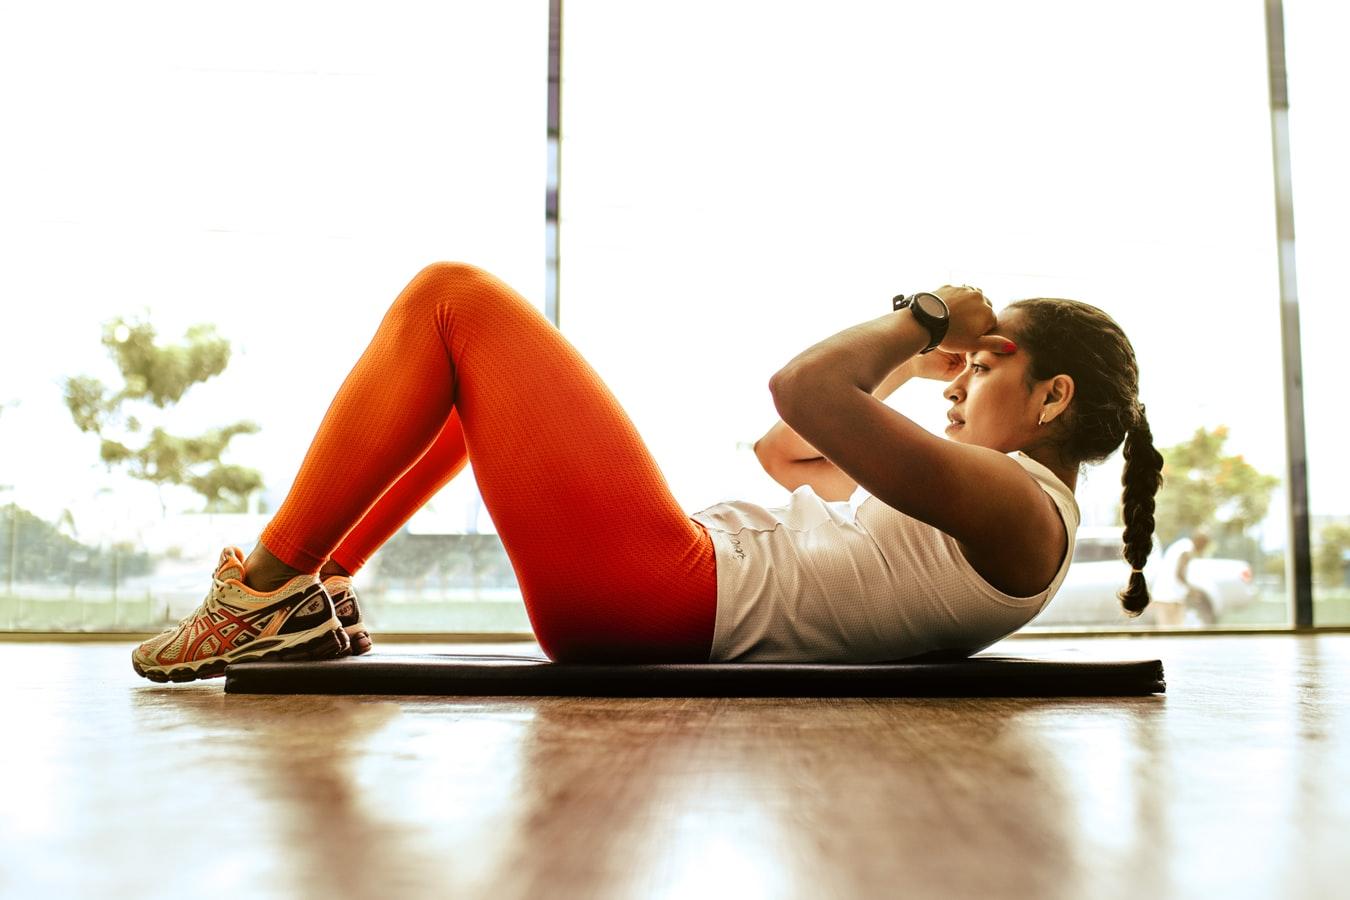 Πονοκέφαλος μετά την άθληση: Γιατί πονάει το κεφάλι μου μετά από έντονη άσκηση [vid];